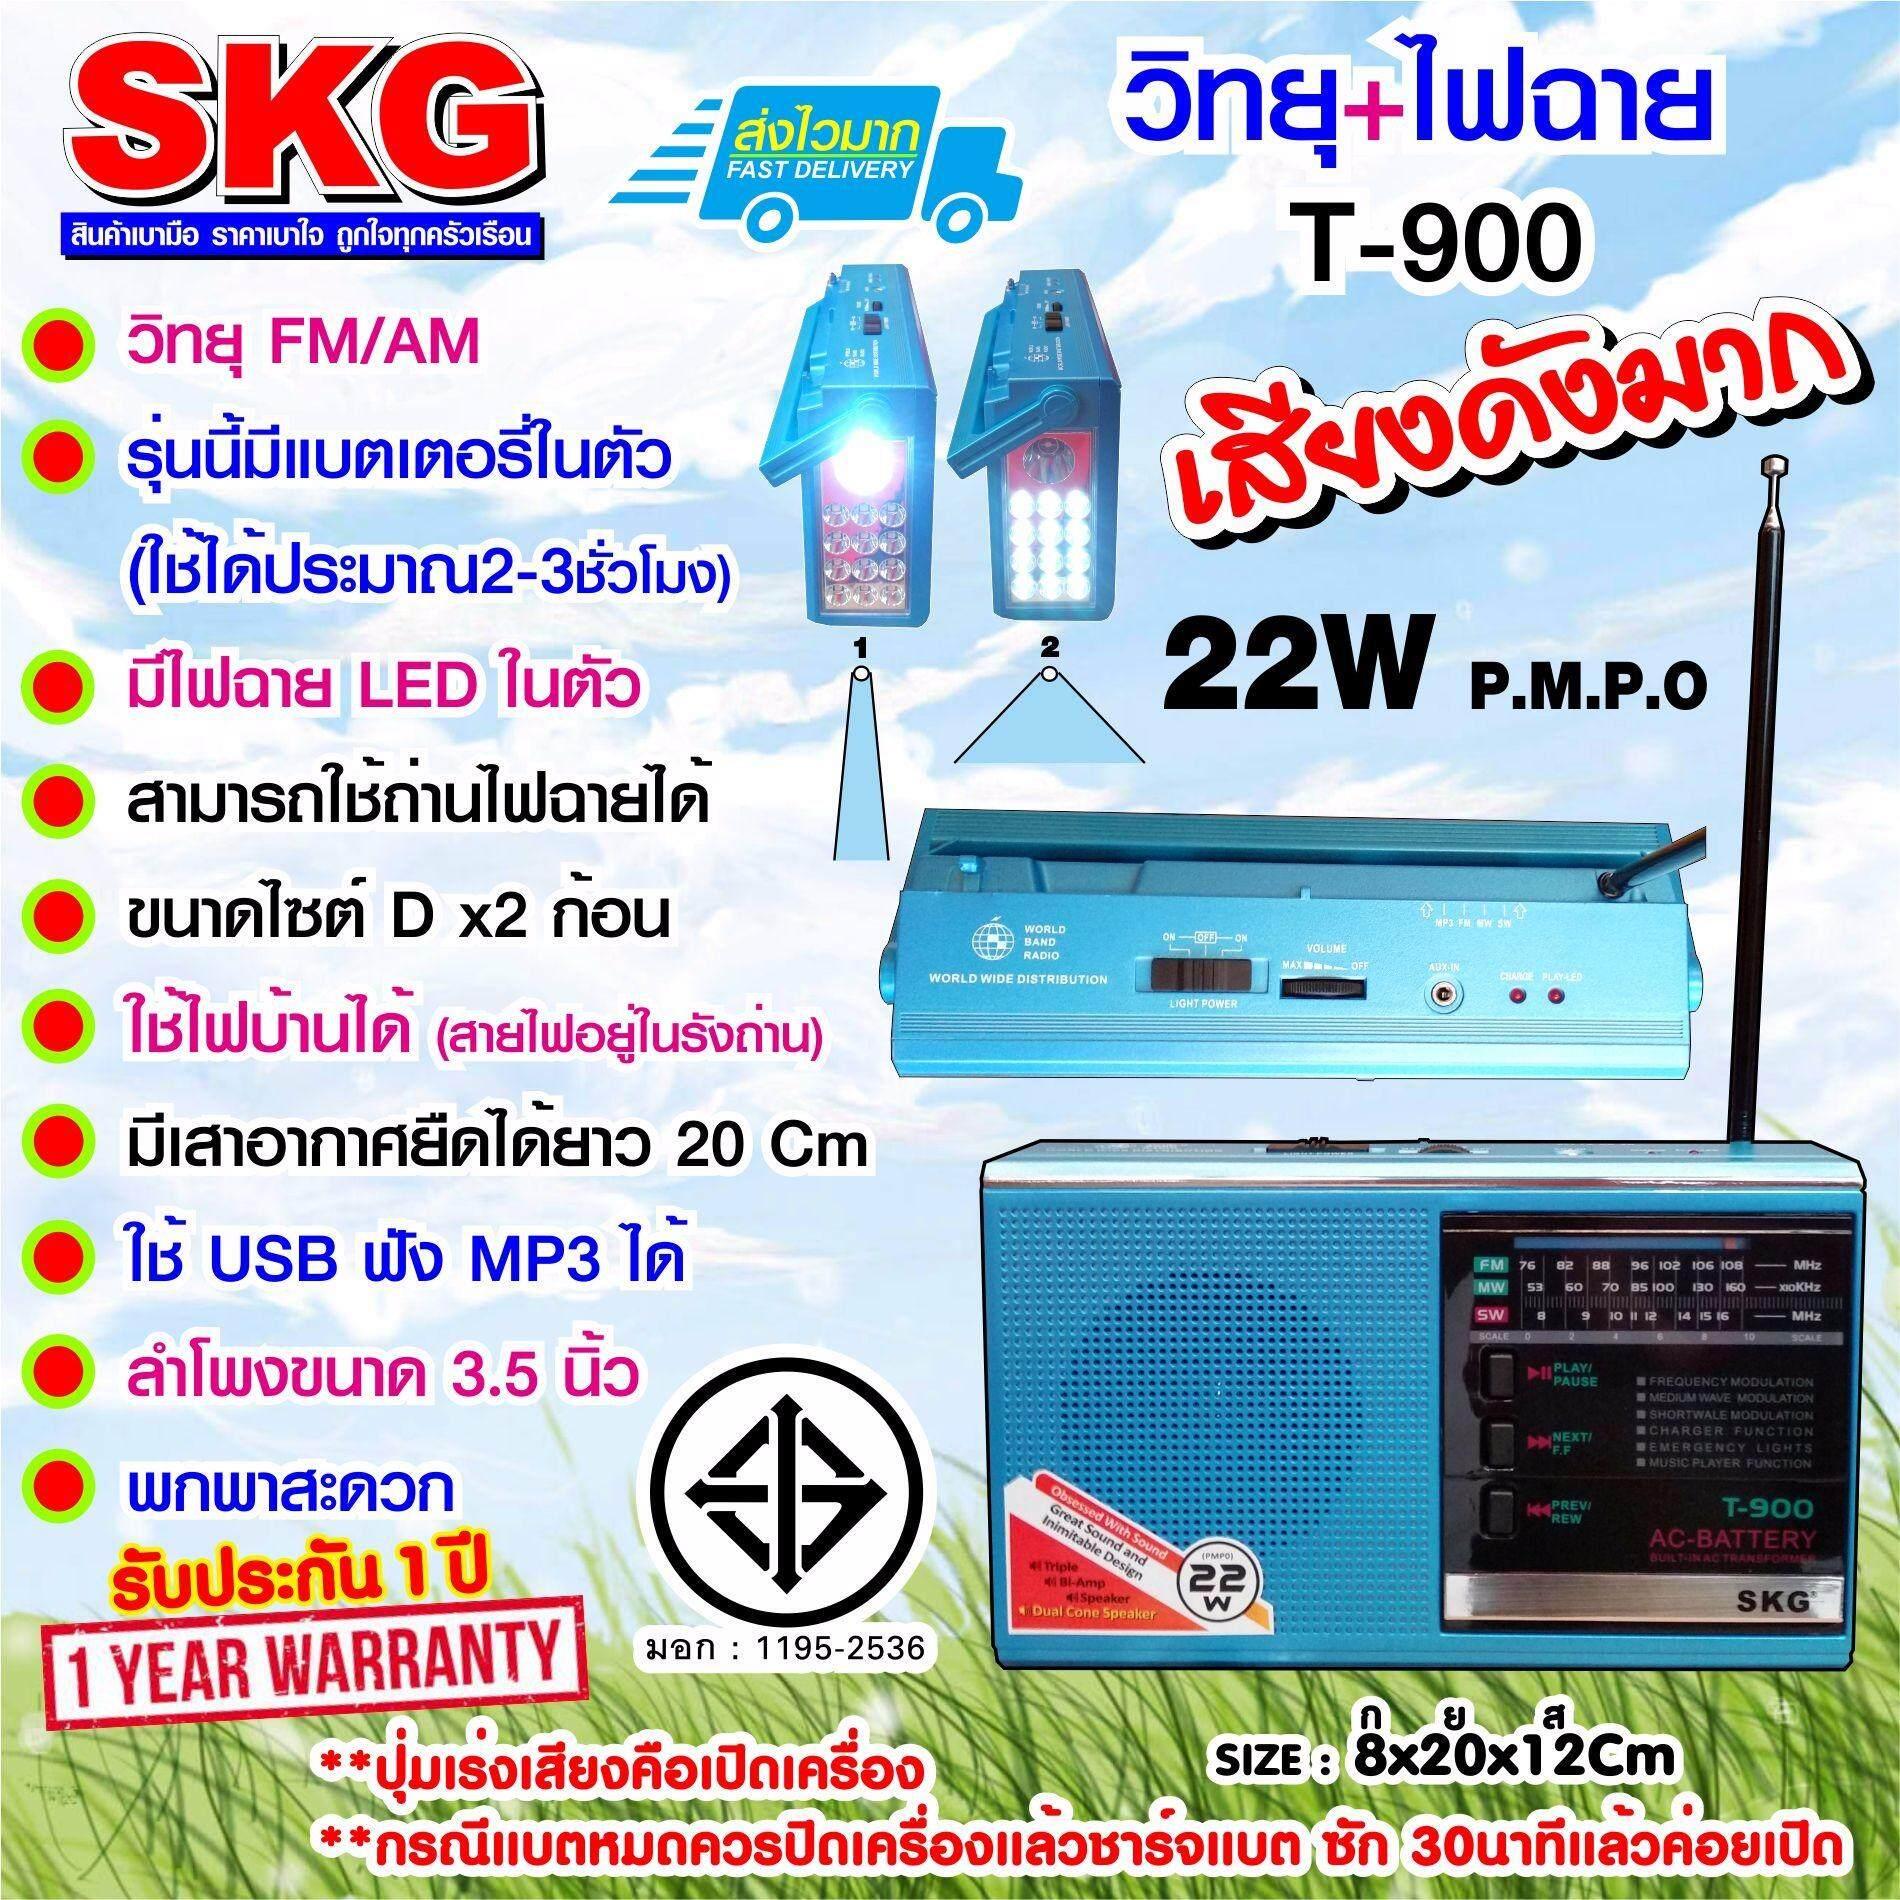 ขาย Skg วิทยุ Usb มีไฟฉาย2ระบบ และแบตในตัว รุ่น T 900 สีฟ้า เป็นต้นฉบับ